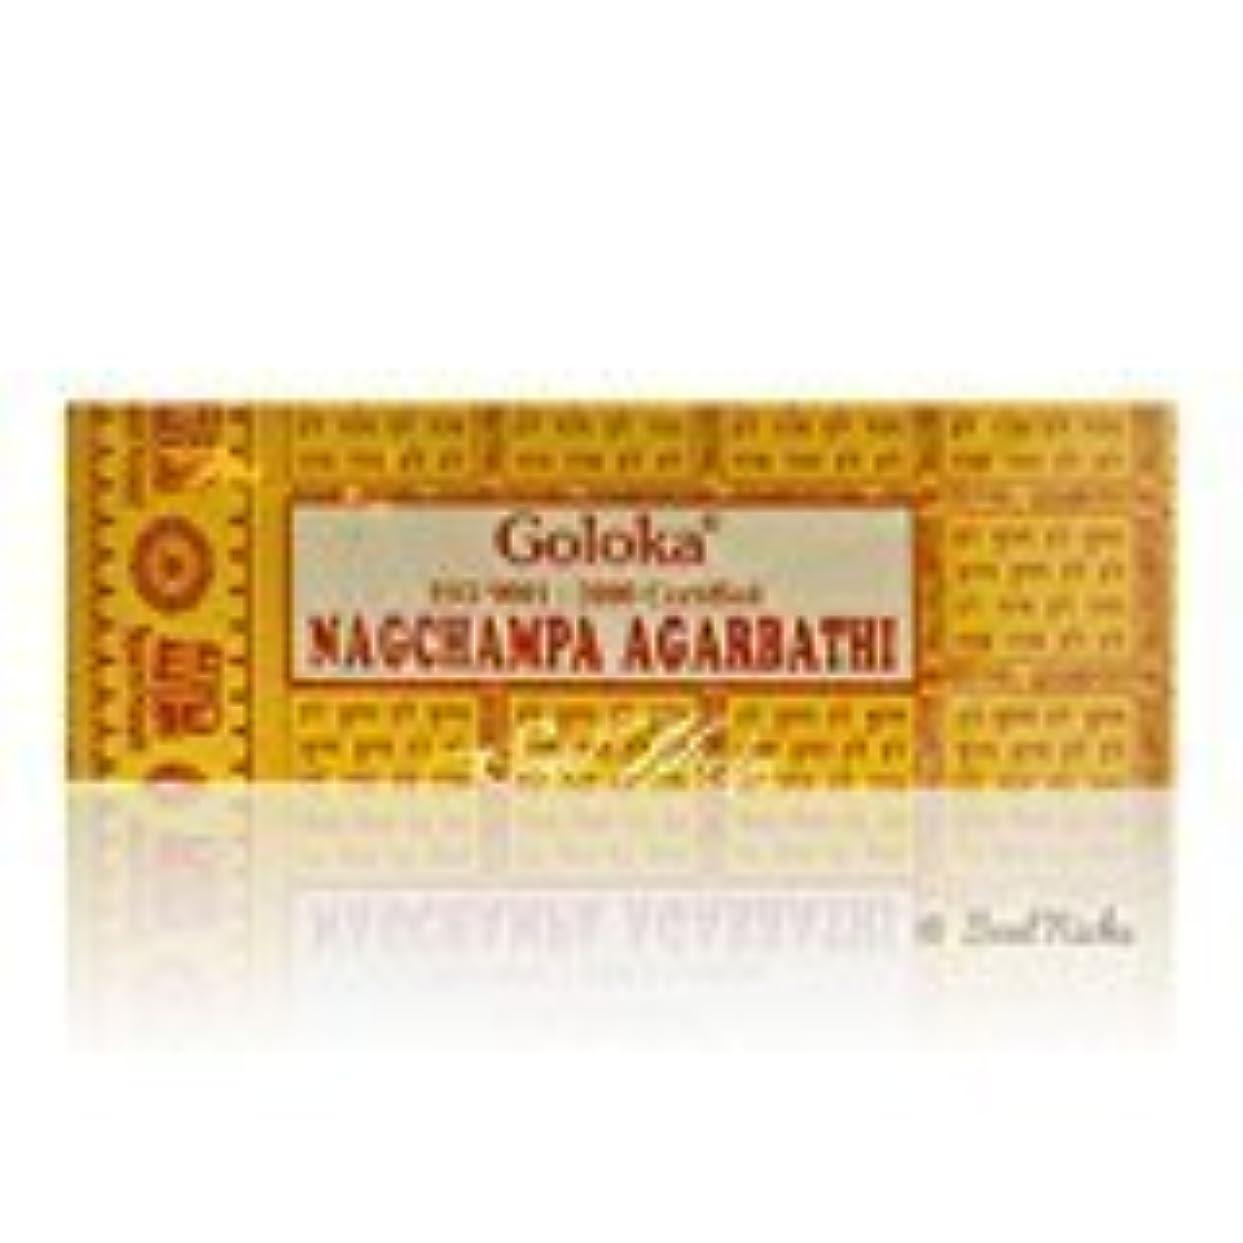 クリーム王女洋服100g Grams Goloka Nag Champa Agarbathi Incense Sticks - High Quality [並行輸入品]